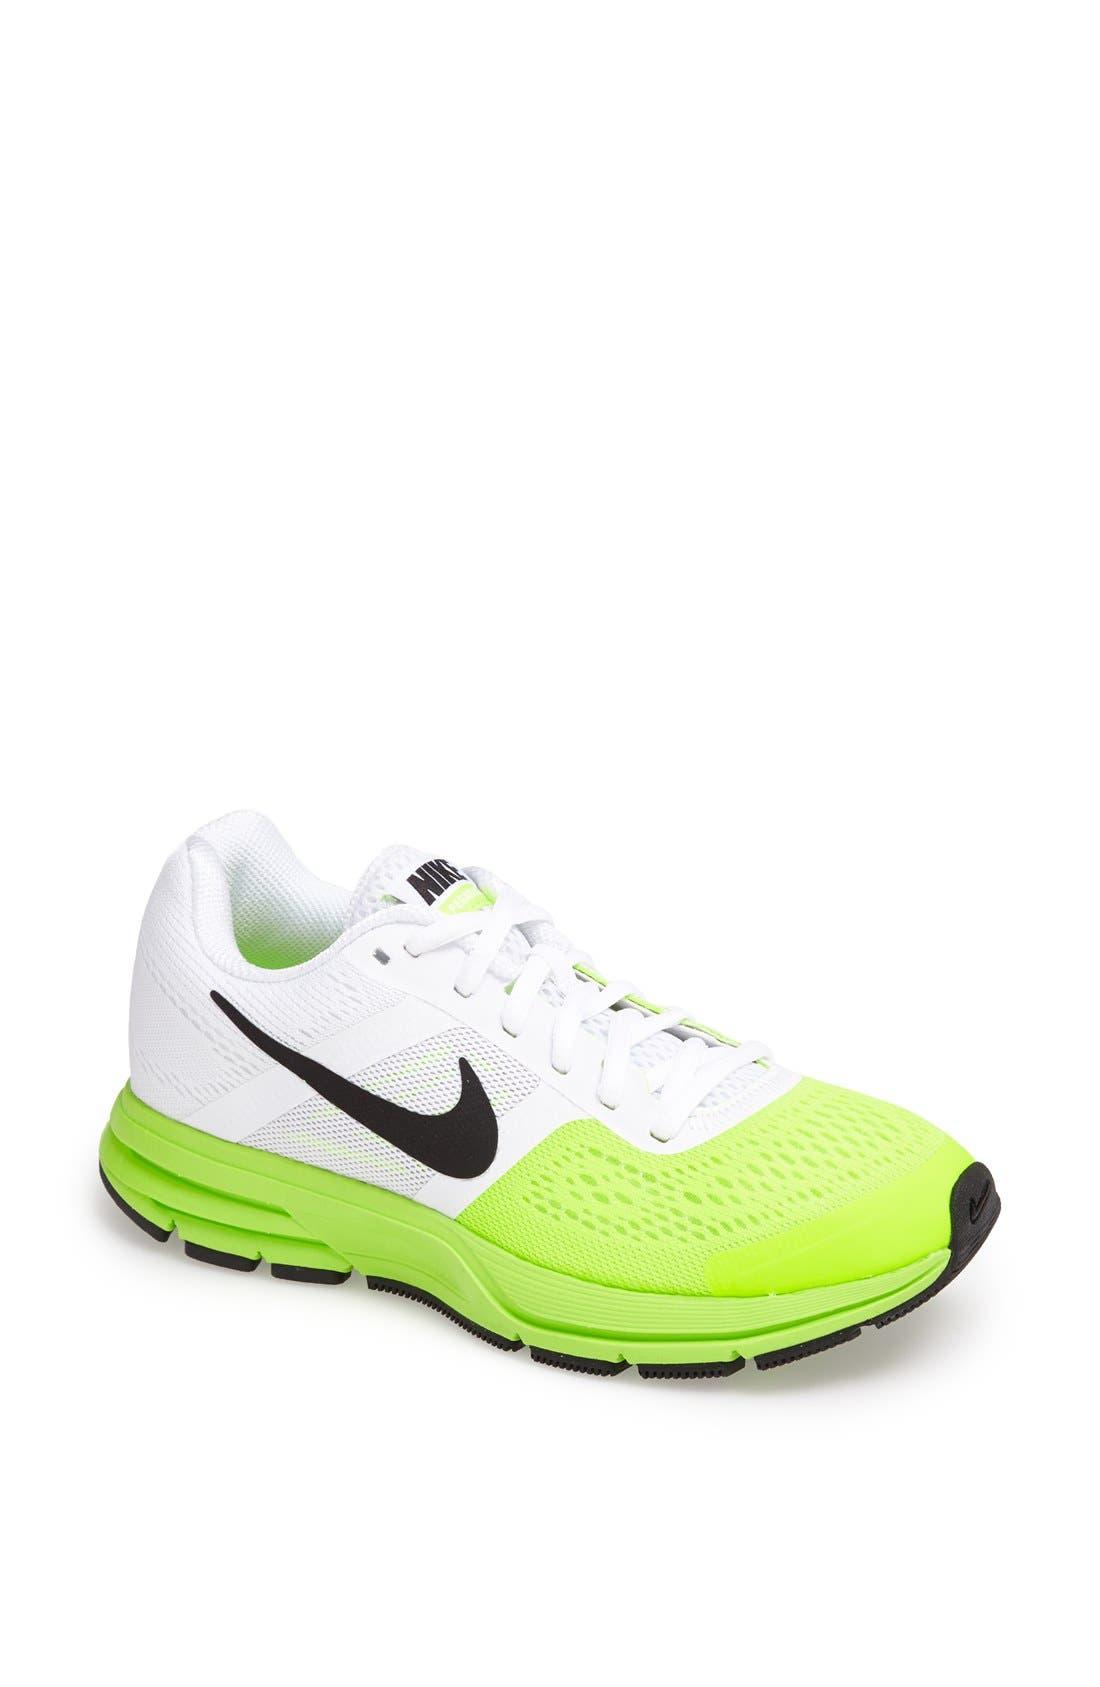 Main Image - Nike 'Air Pegasus+ 30' Running Shoe (Women)